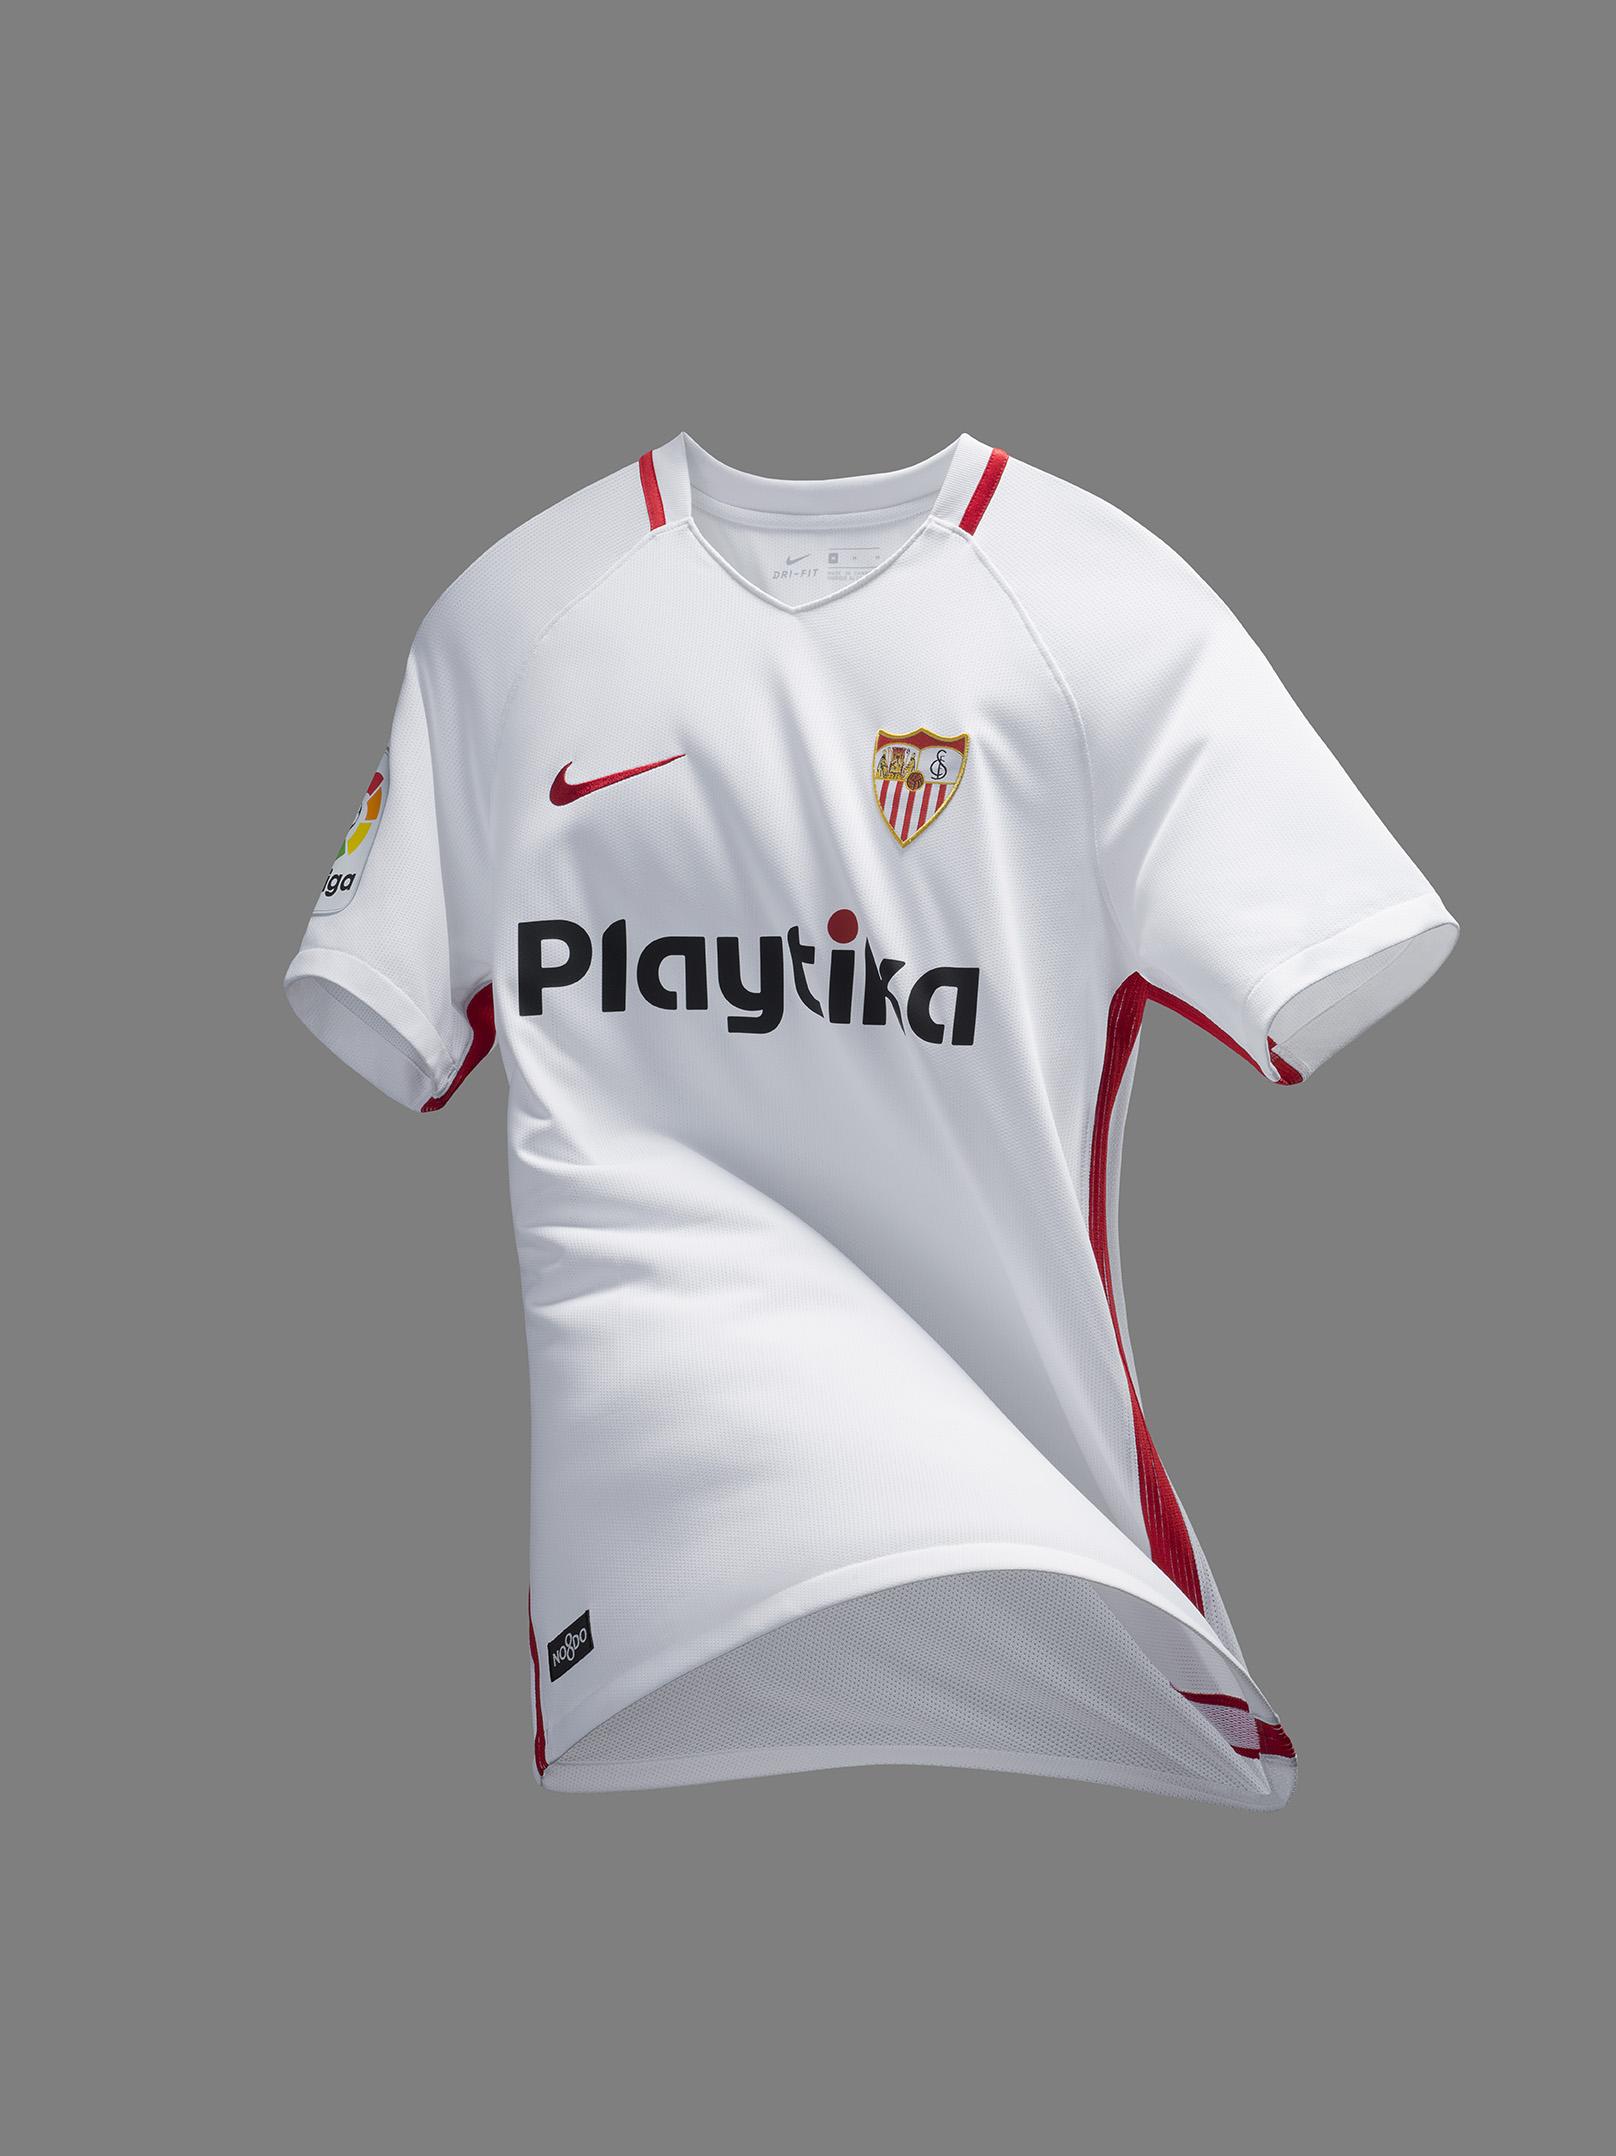 d0d8bdb172e Sevilla FC Home & Away Jerseys 18/19 - BOOTHYPE